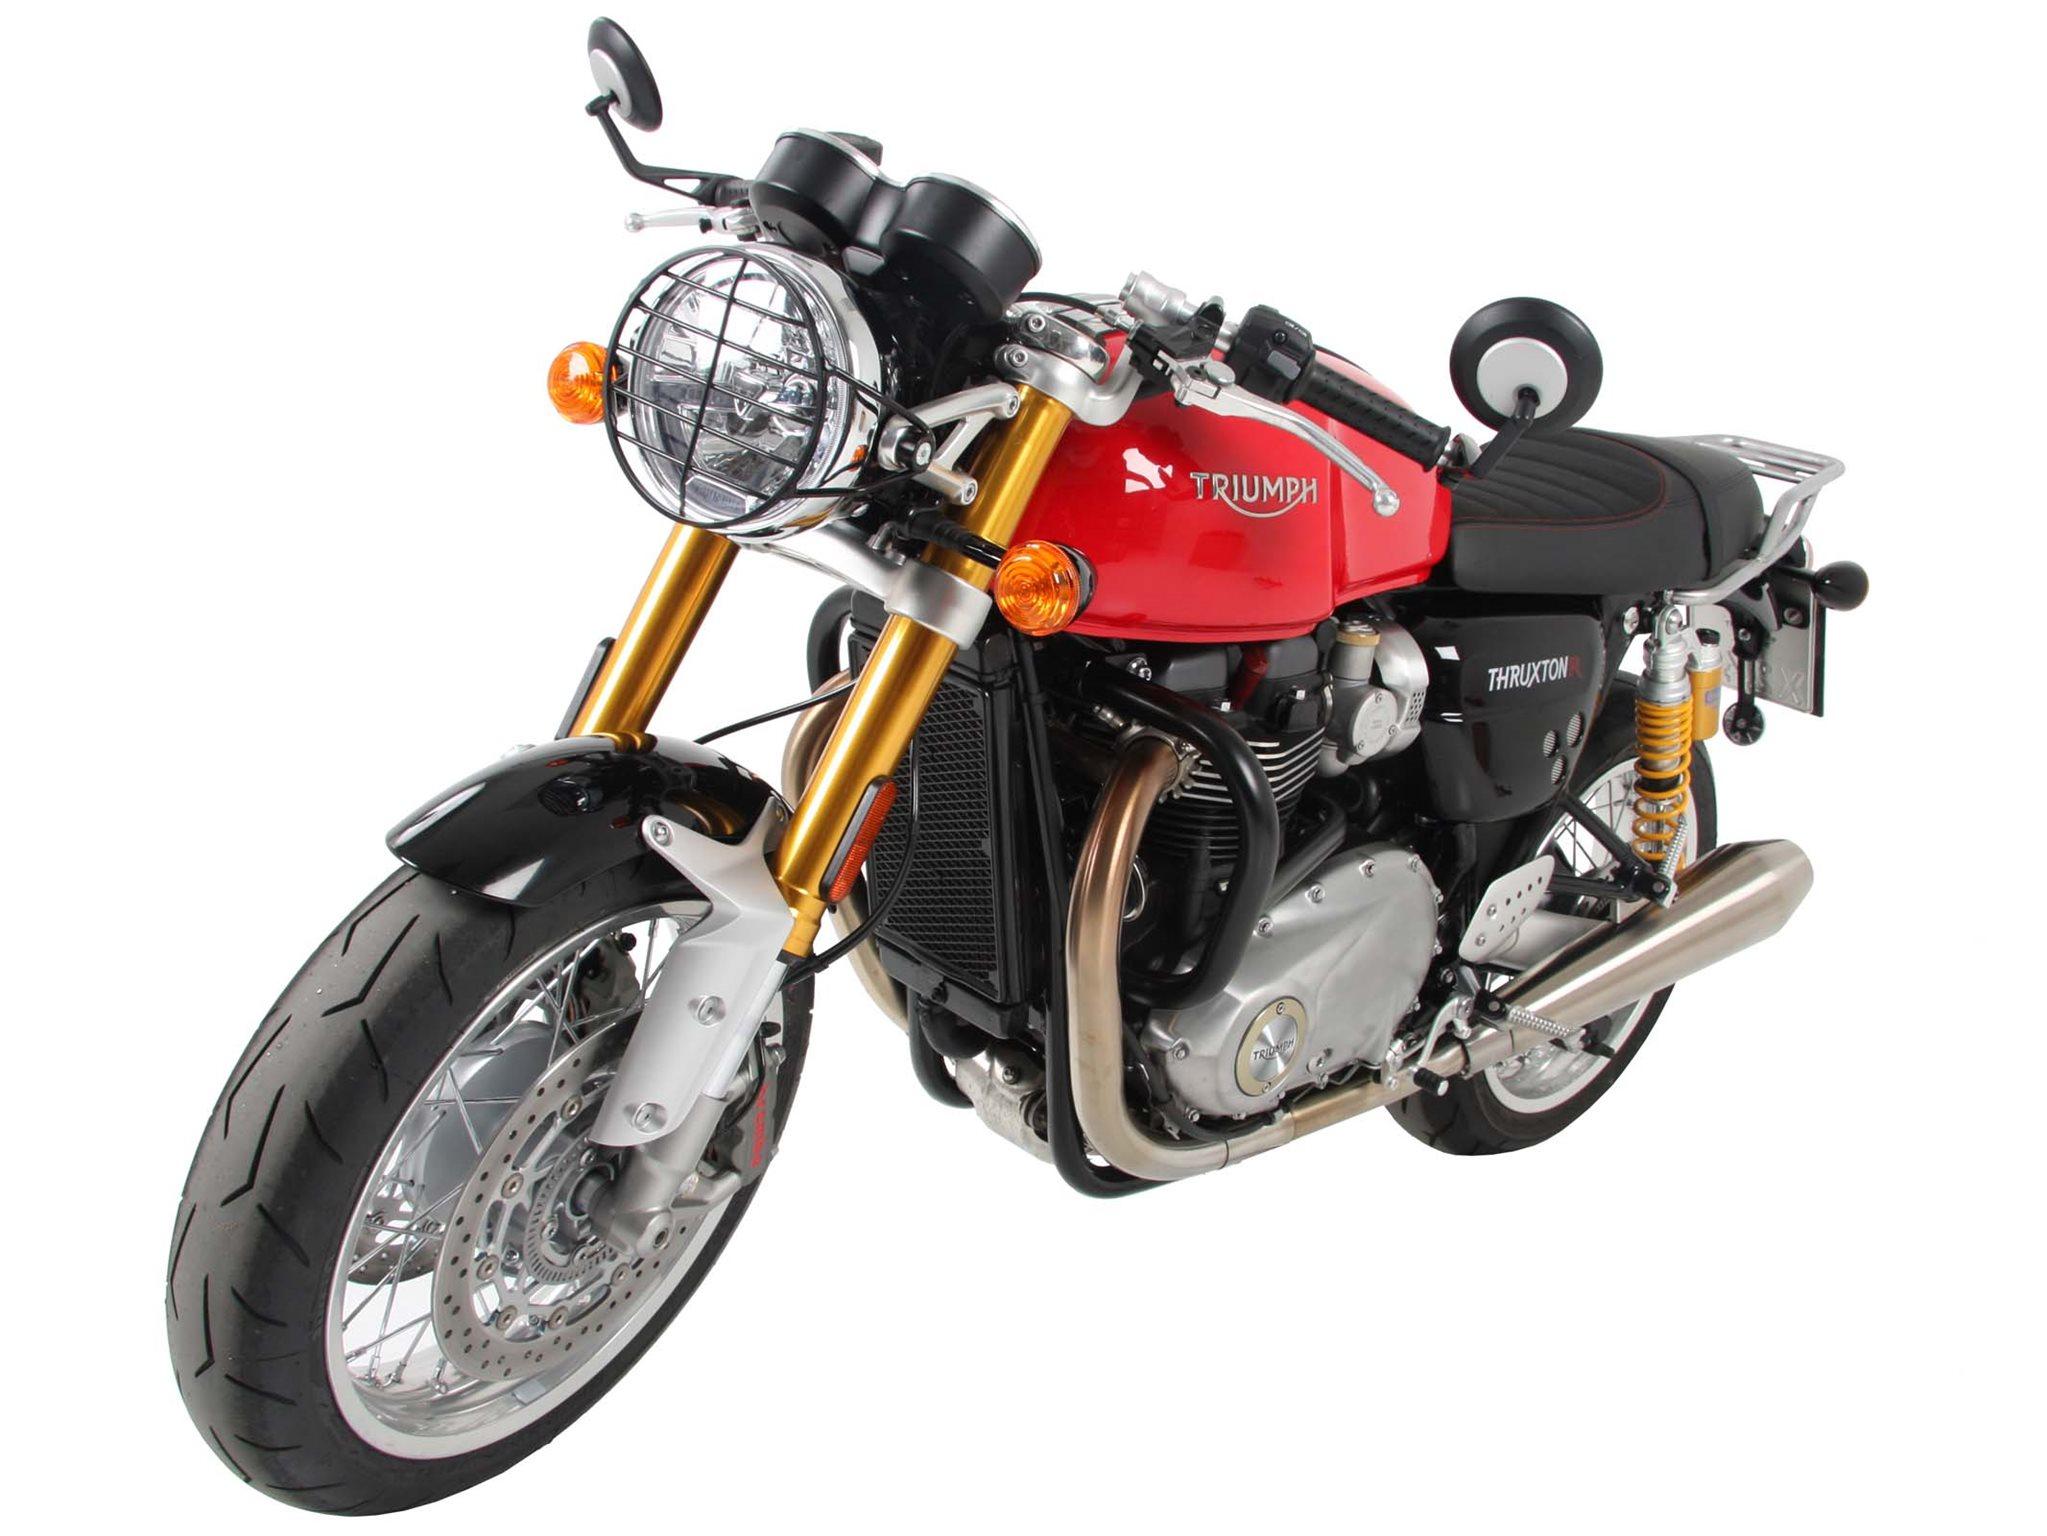 Triumph Thruxton 900 Berlin | Wir kaufen dein Motorrad